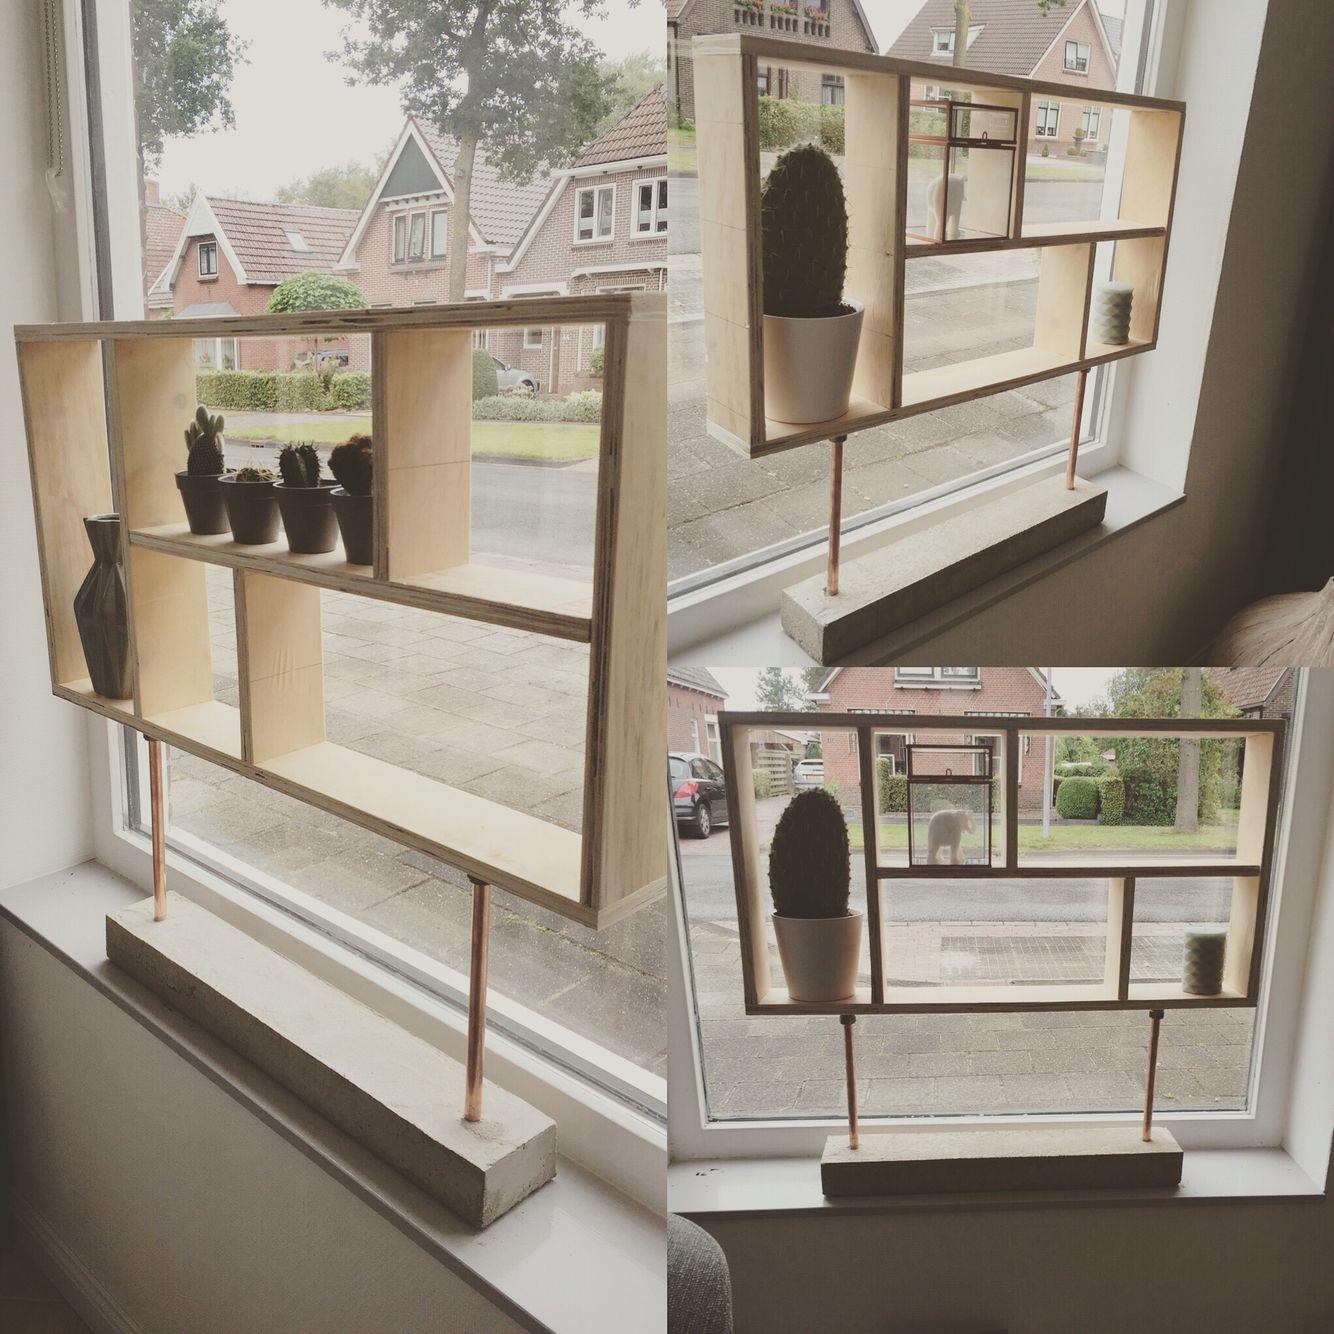 Raamdecoratie voor smalle vensterbank diy houtbetonkoper for Decoratie vensterbank keuken